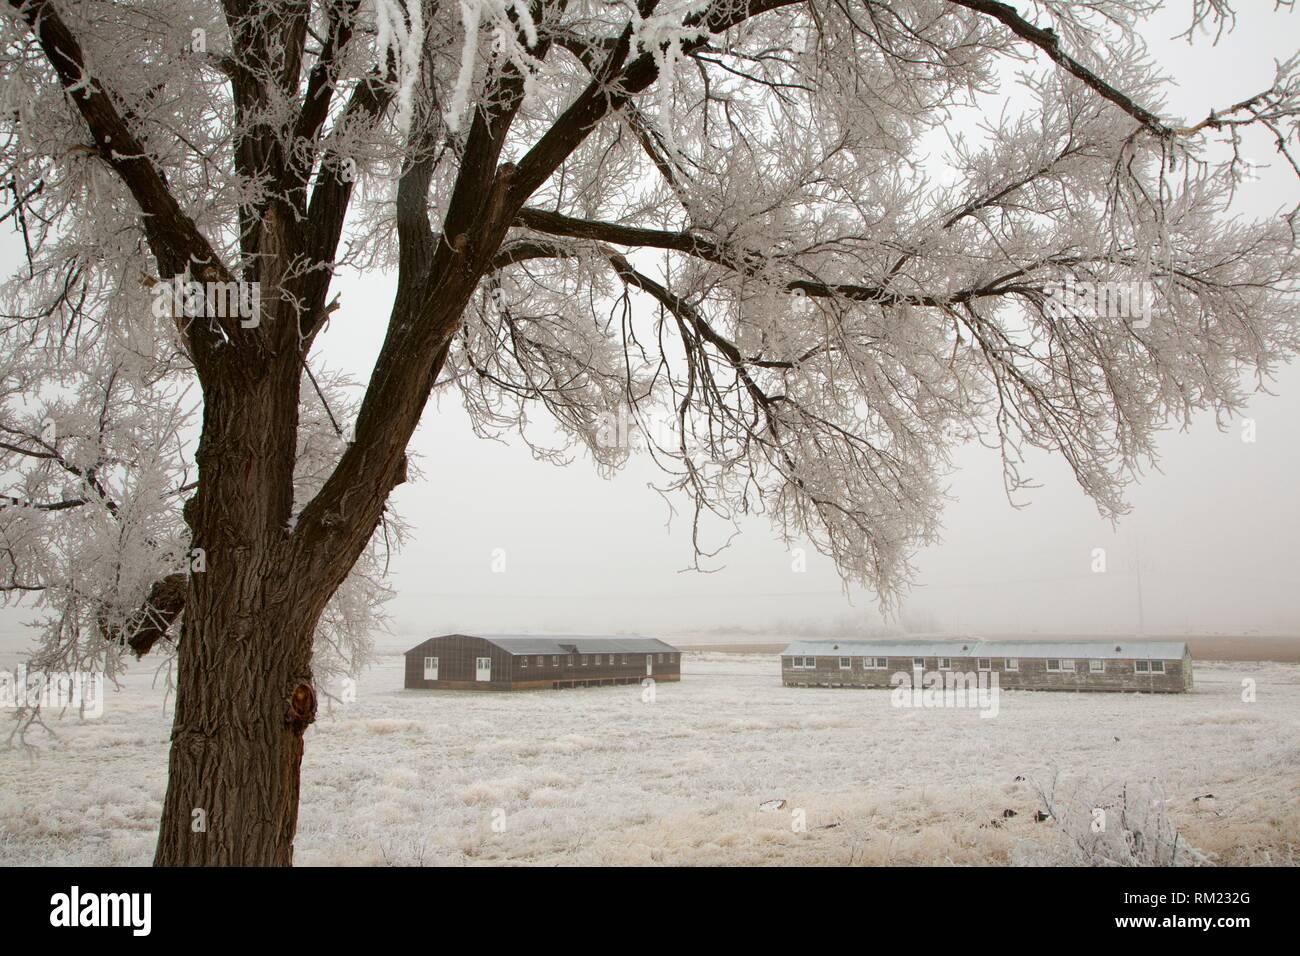 Living Barracks and Mess Hall, Minidoka National Historic Site, Idaho. - Stock Image